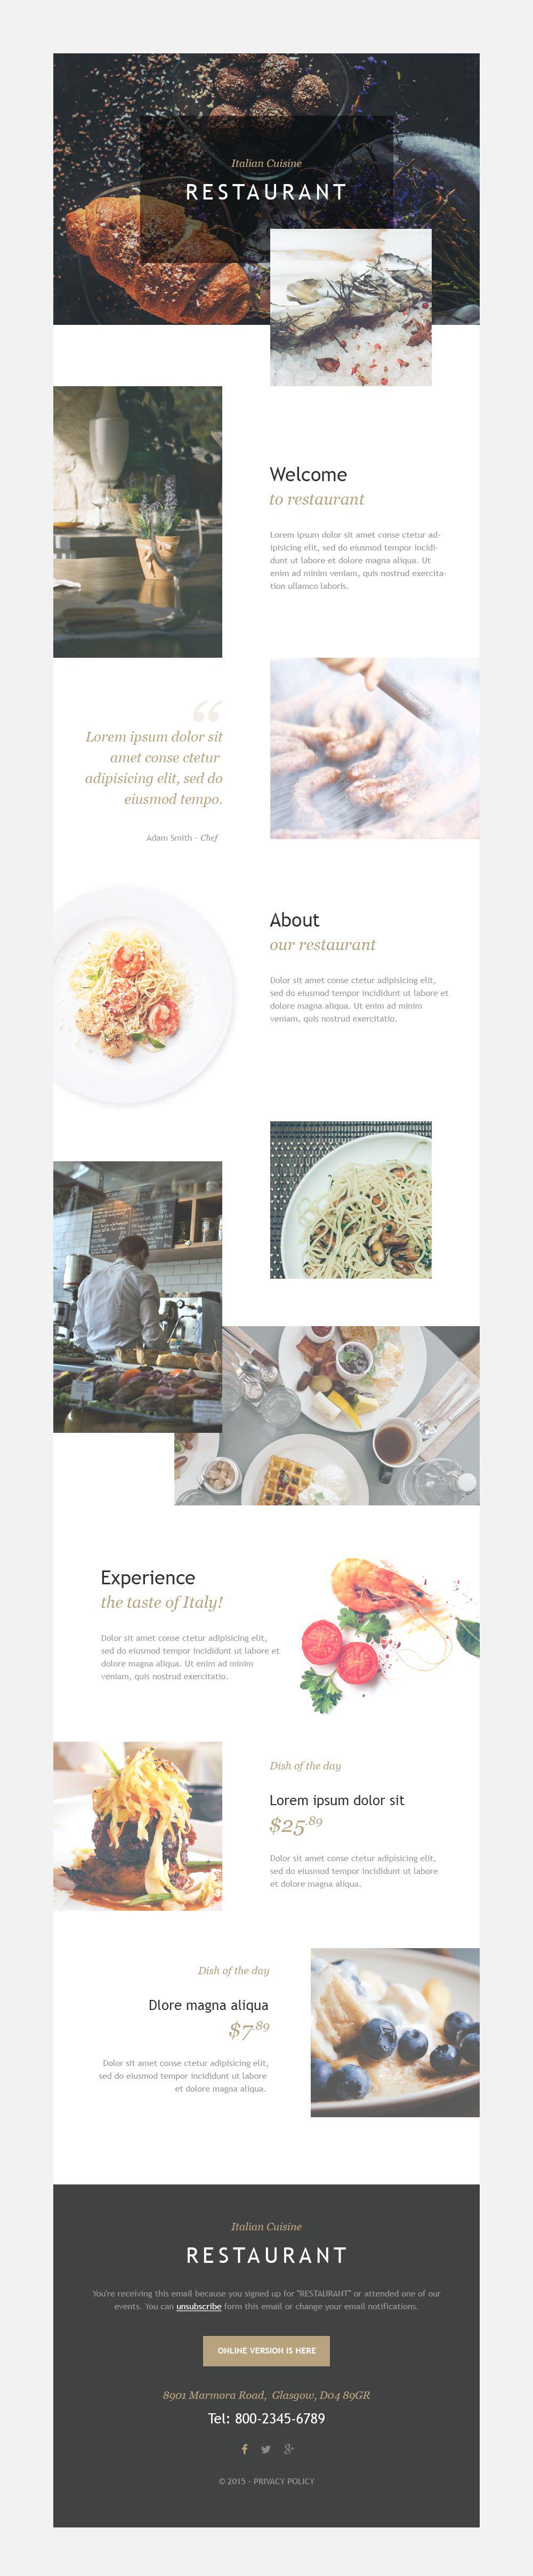 Modèle Bulletin adaptatif pour restaurant italien #55379